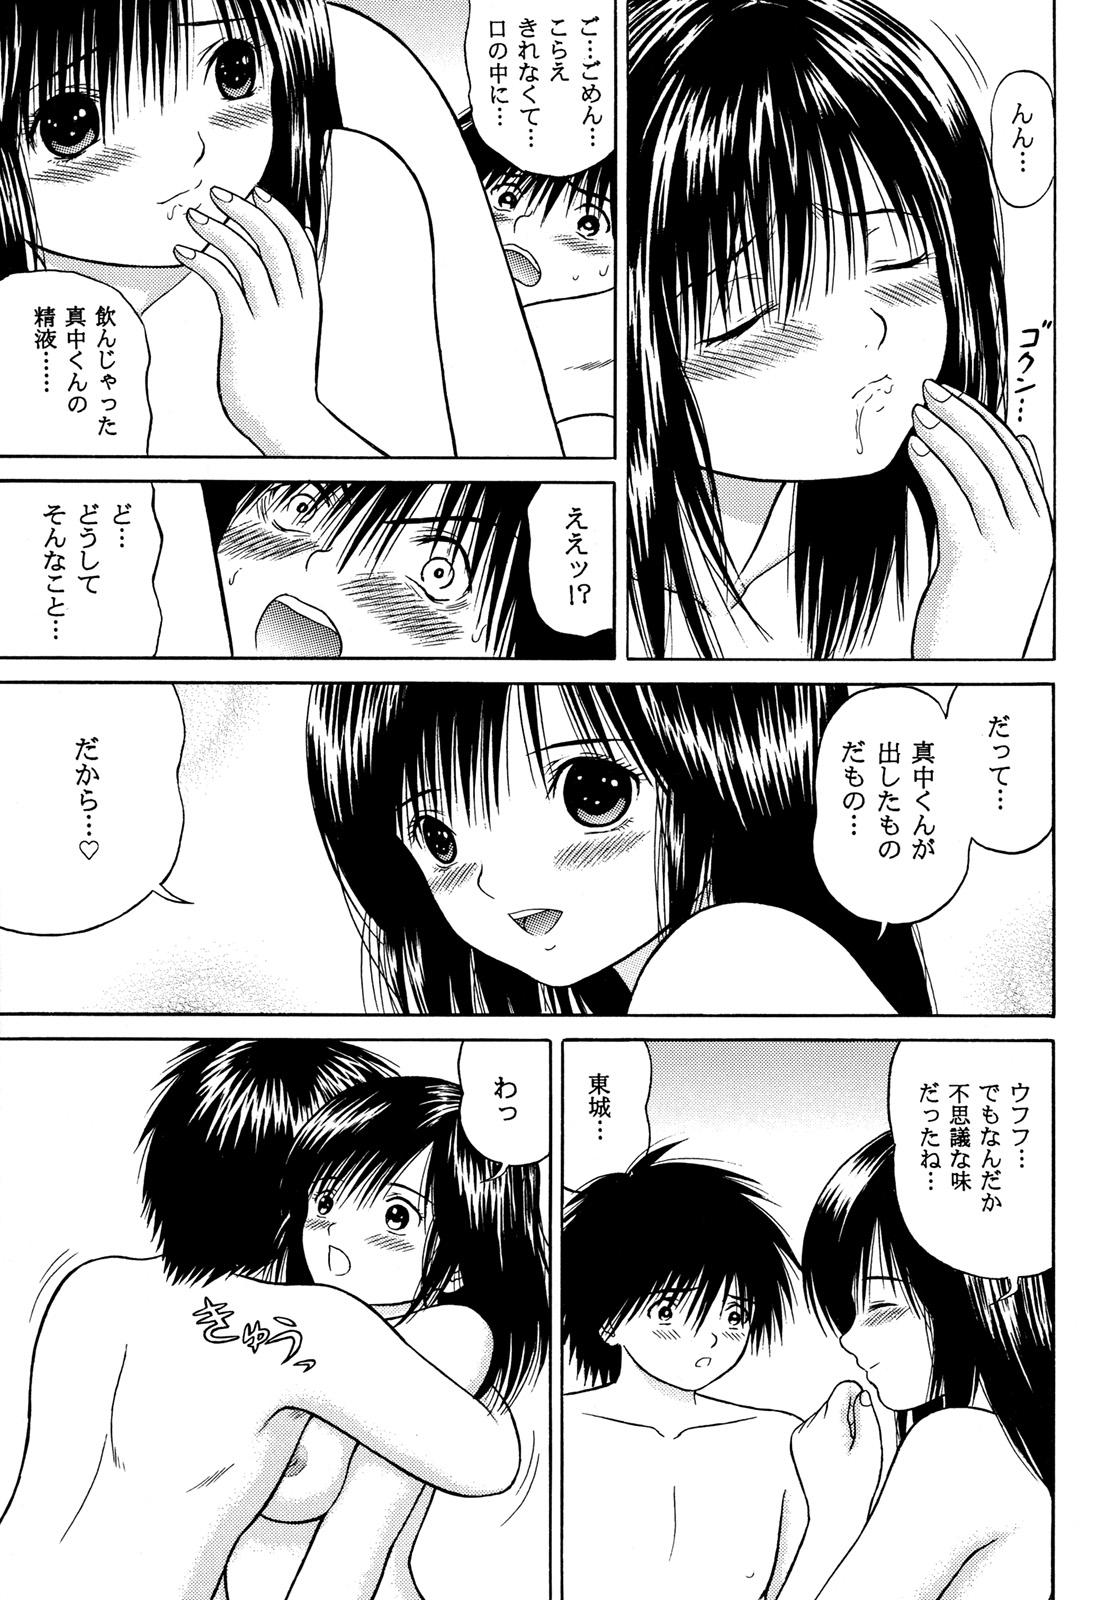 Ichigo ∞% VOL4 - Step by Step 21